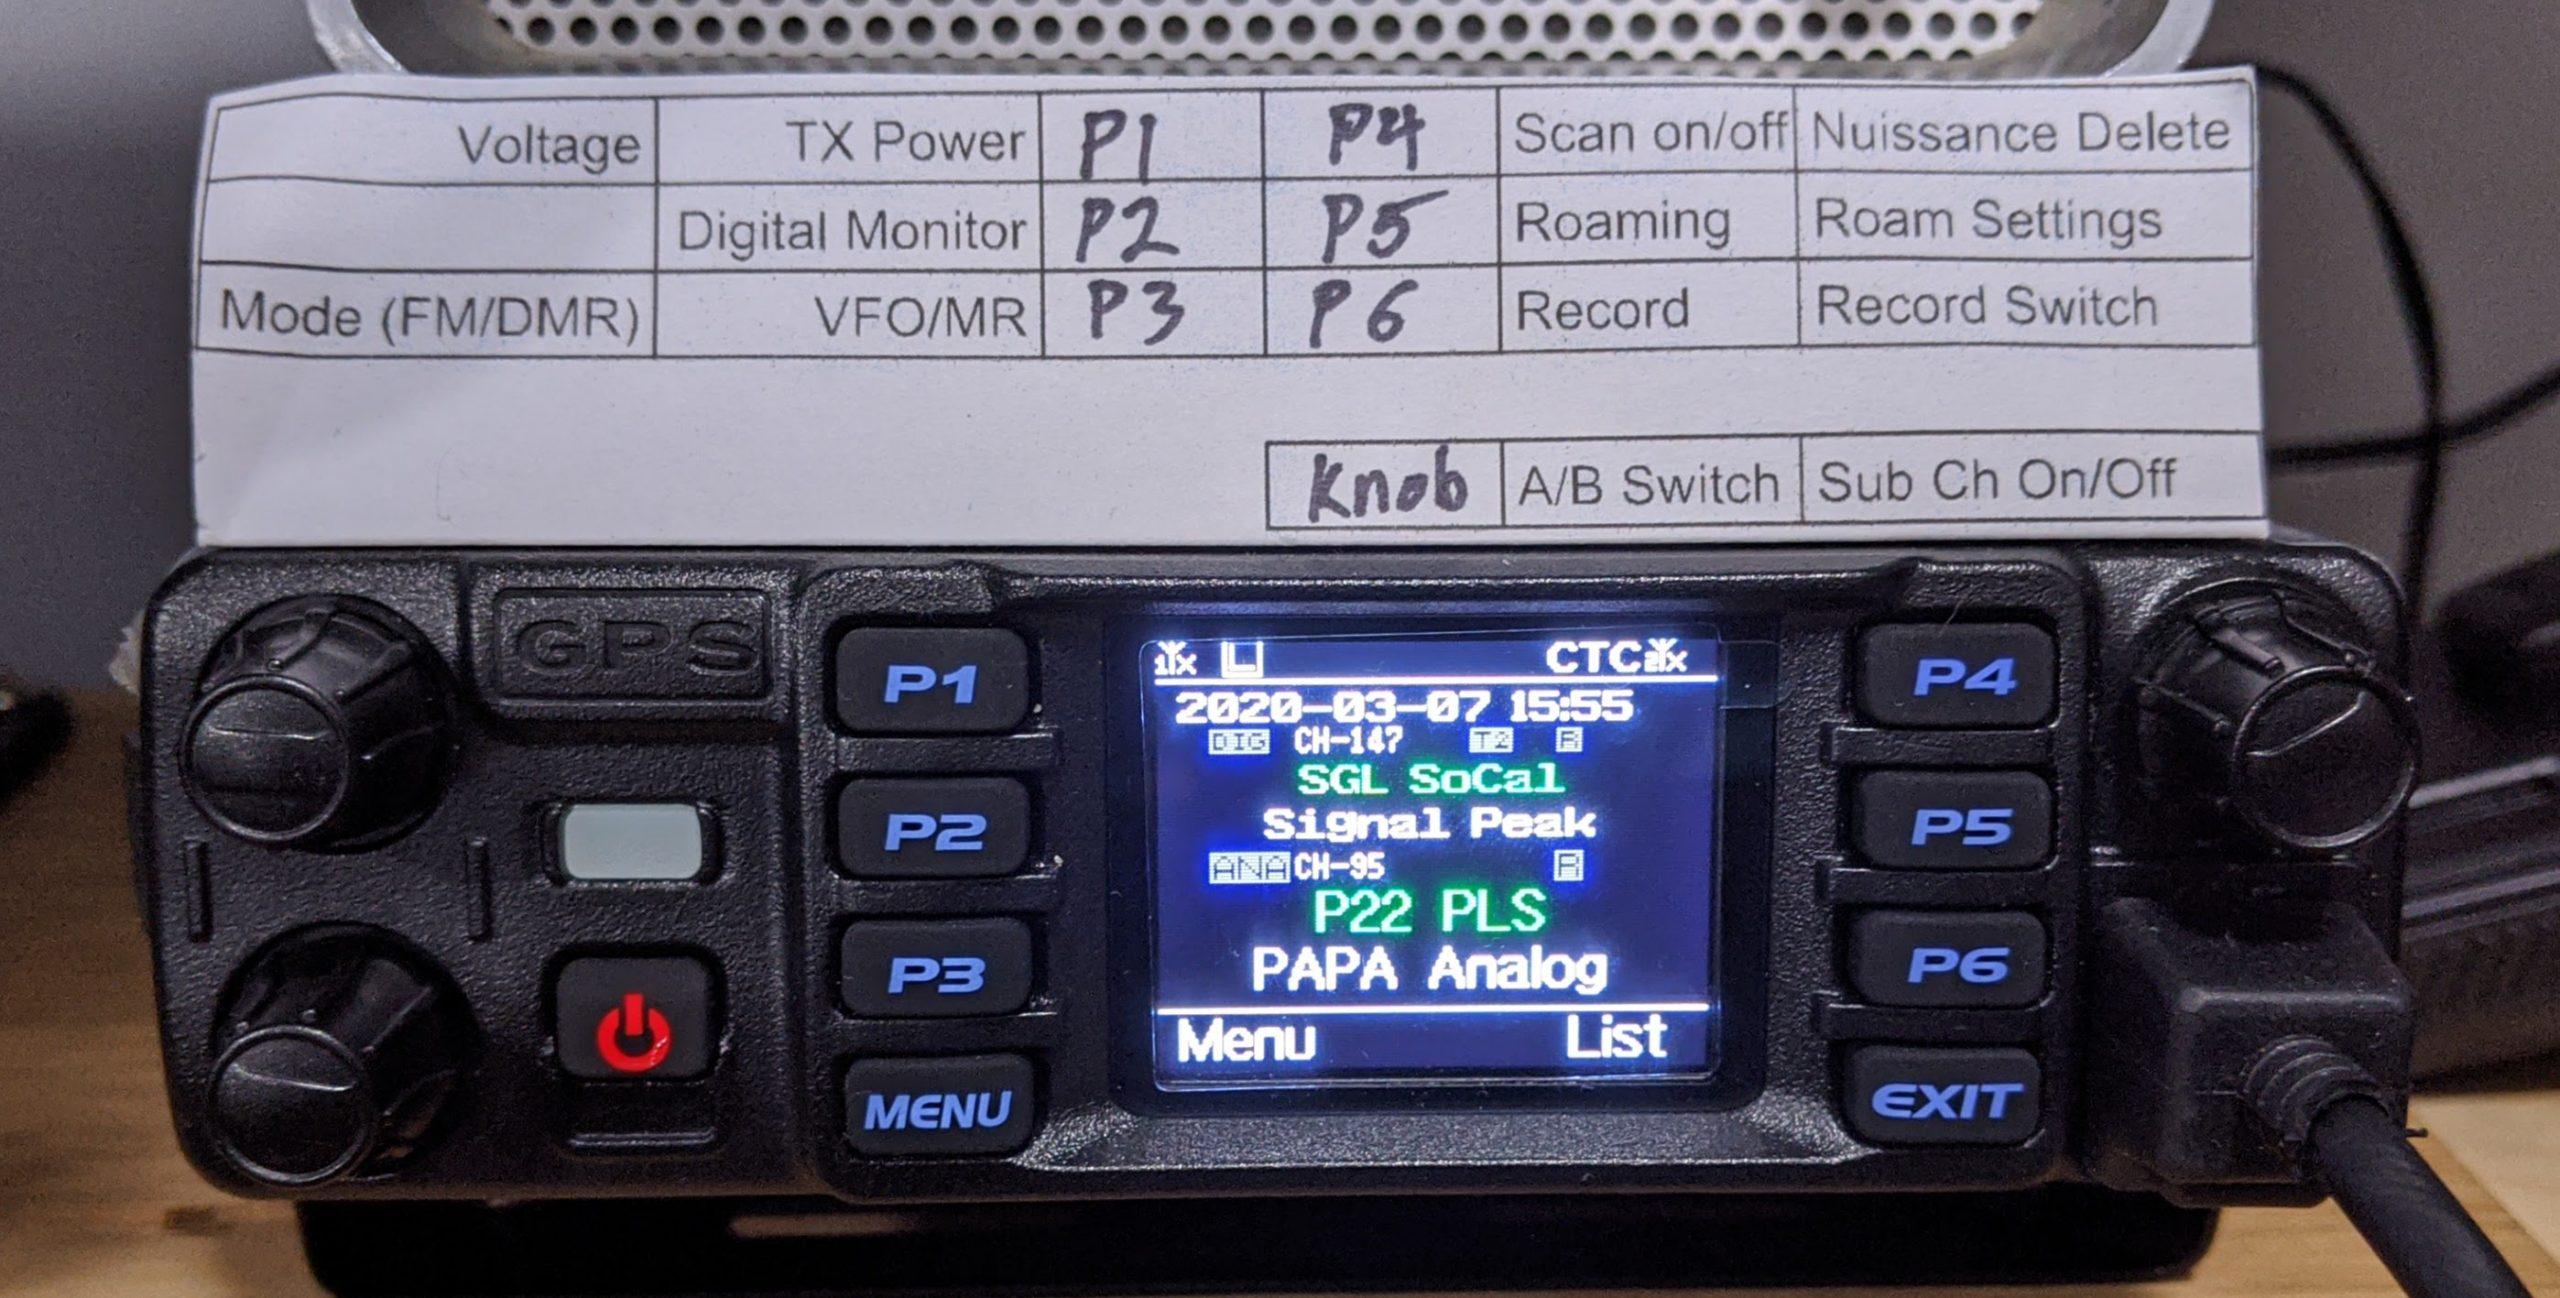 AnyTone over Motorola for DMR?